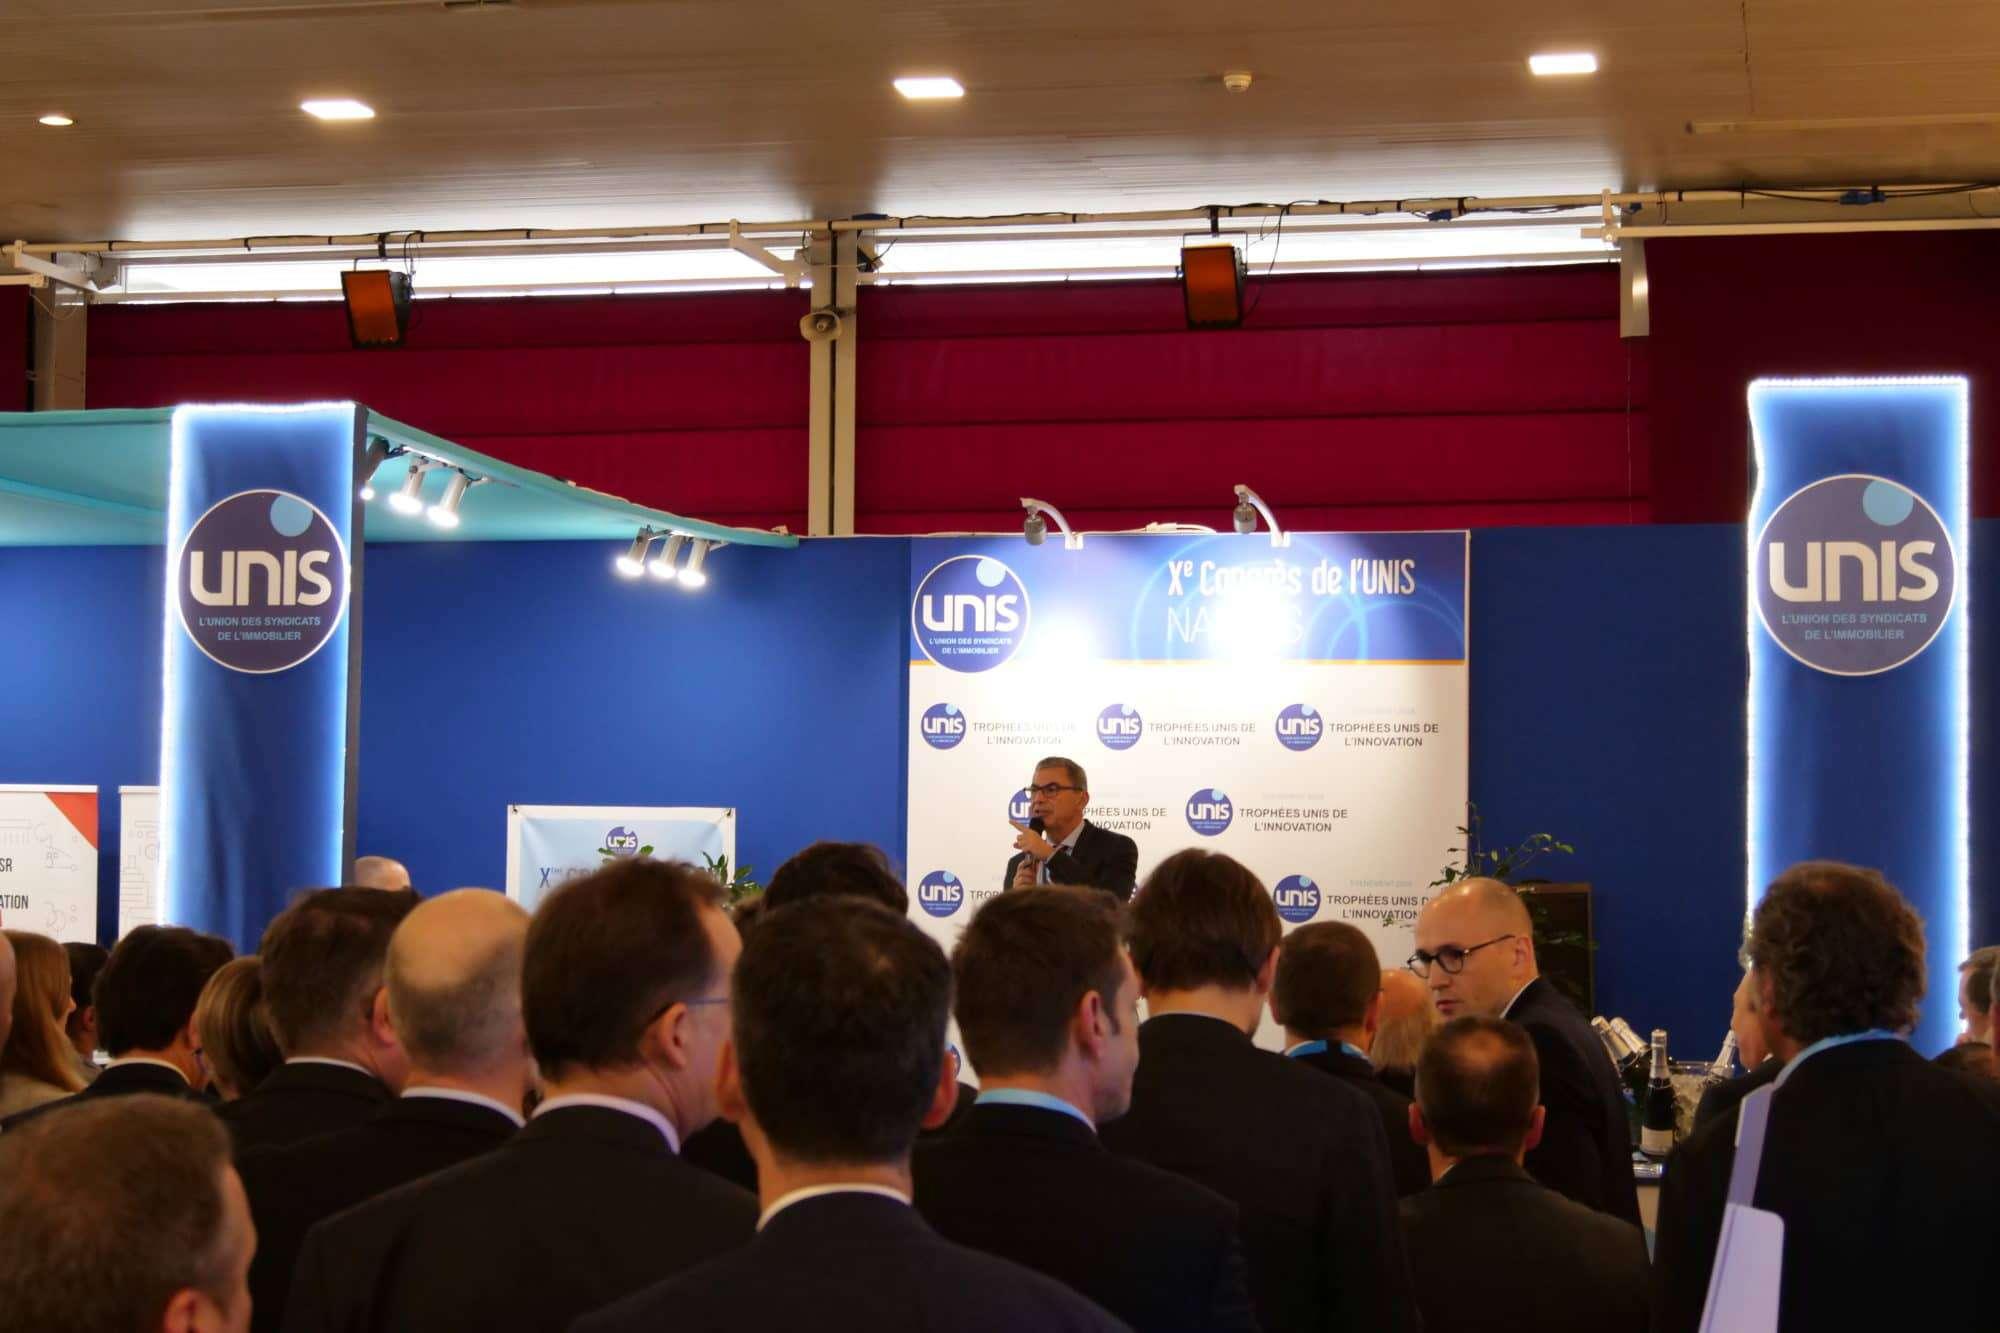 Dronelis remporte le prix spécial de l'innovation au congrès de l'UNIS